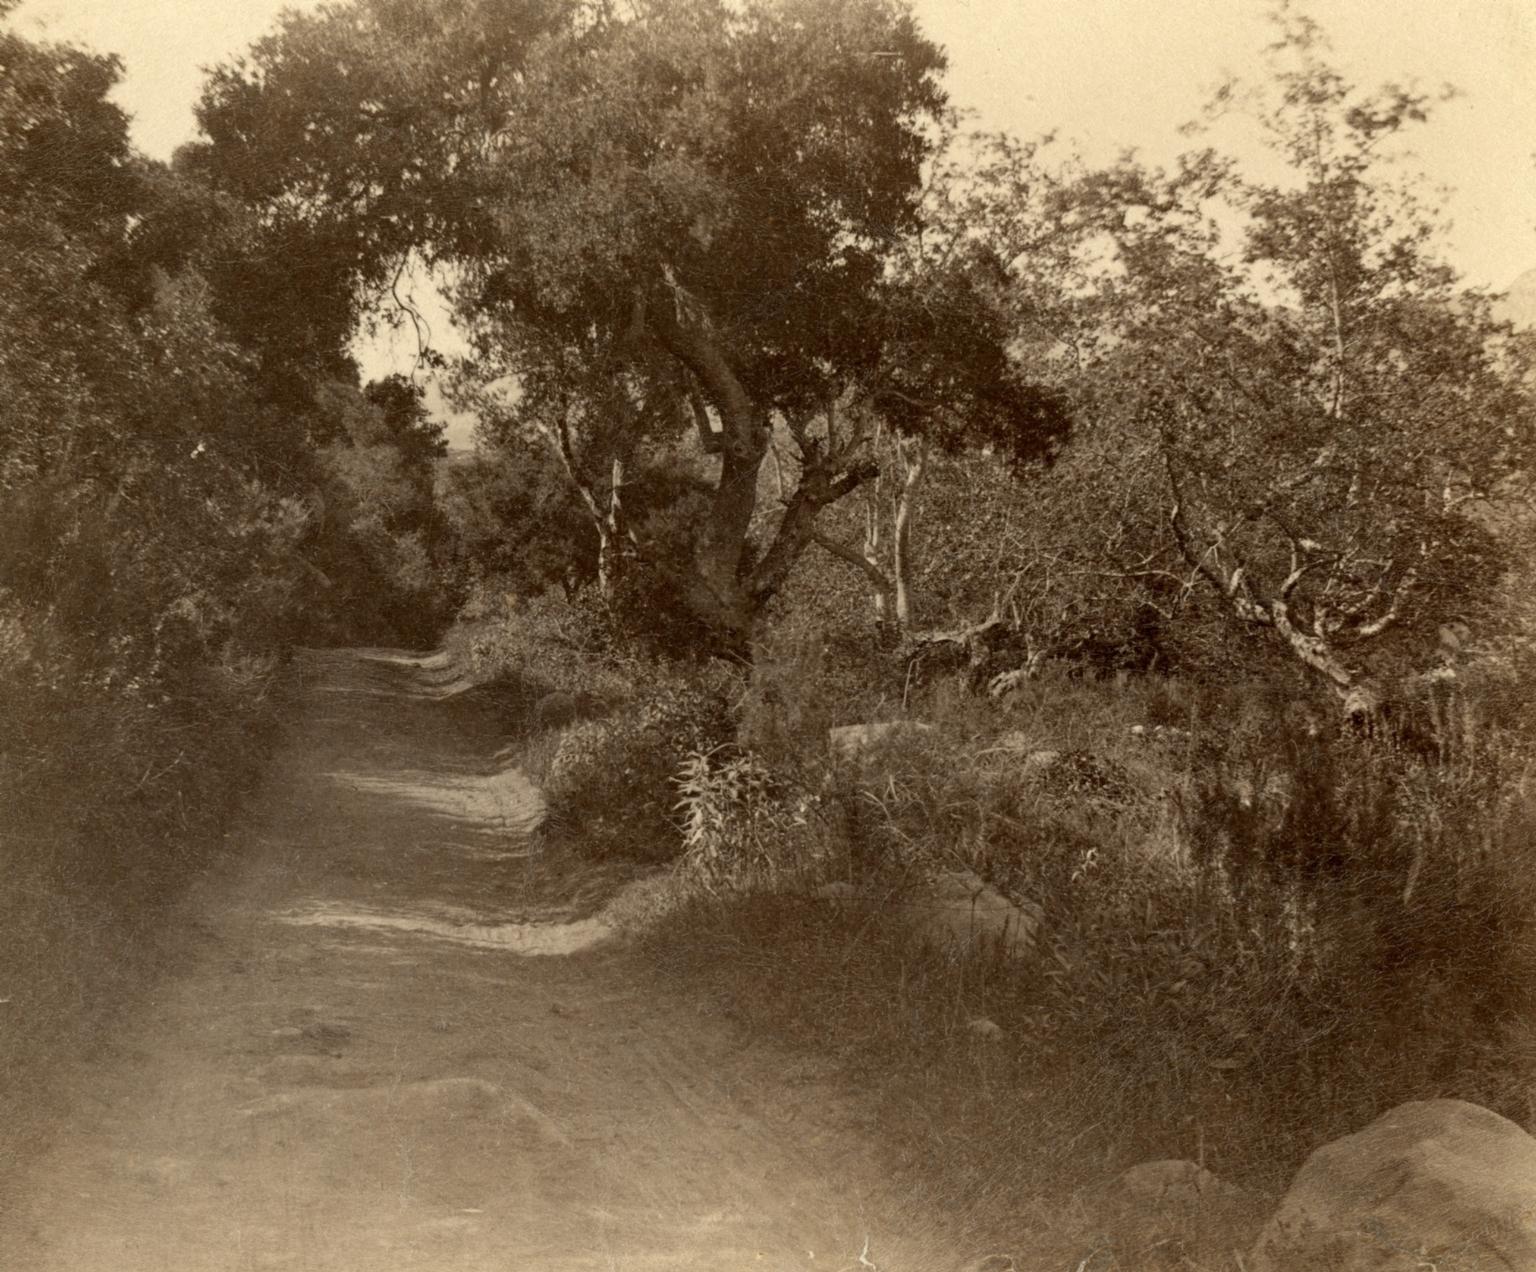 Santa Barbara Roadway